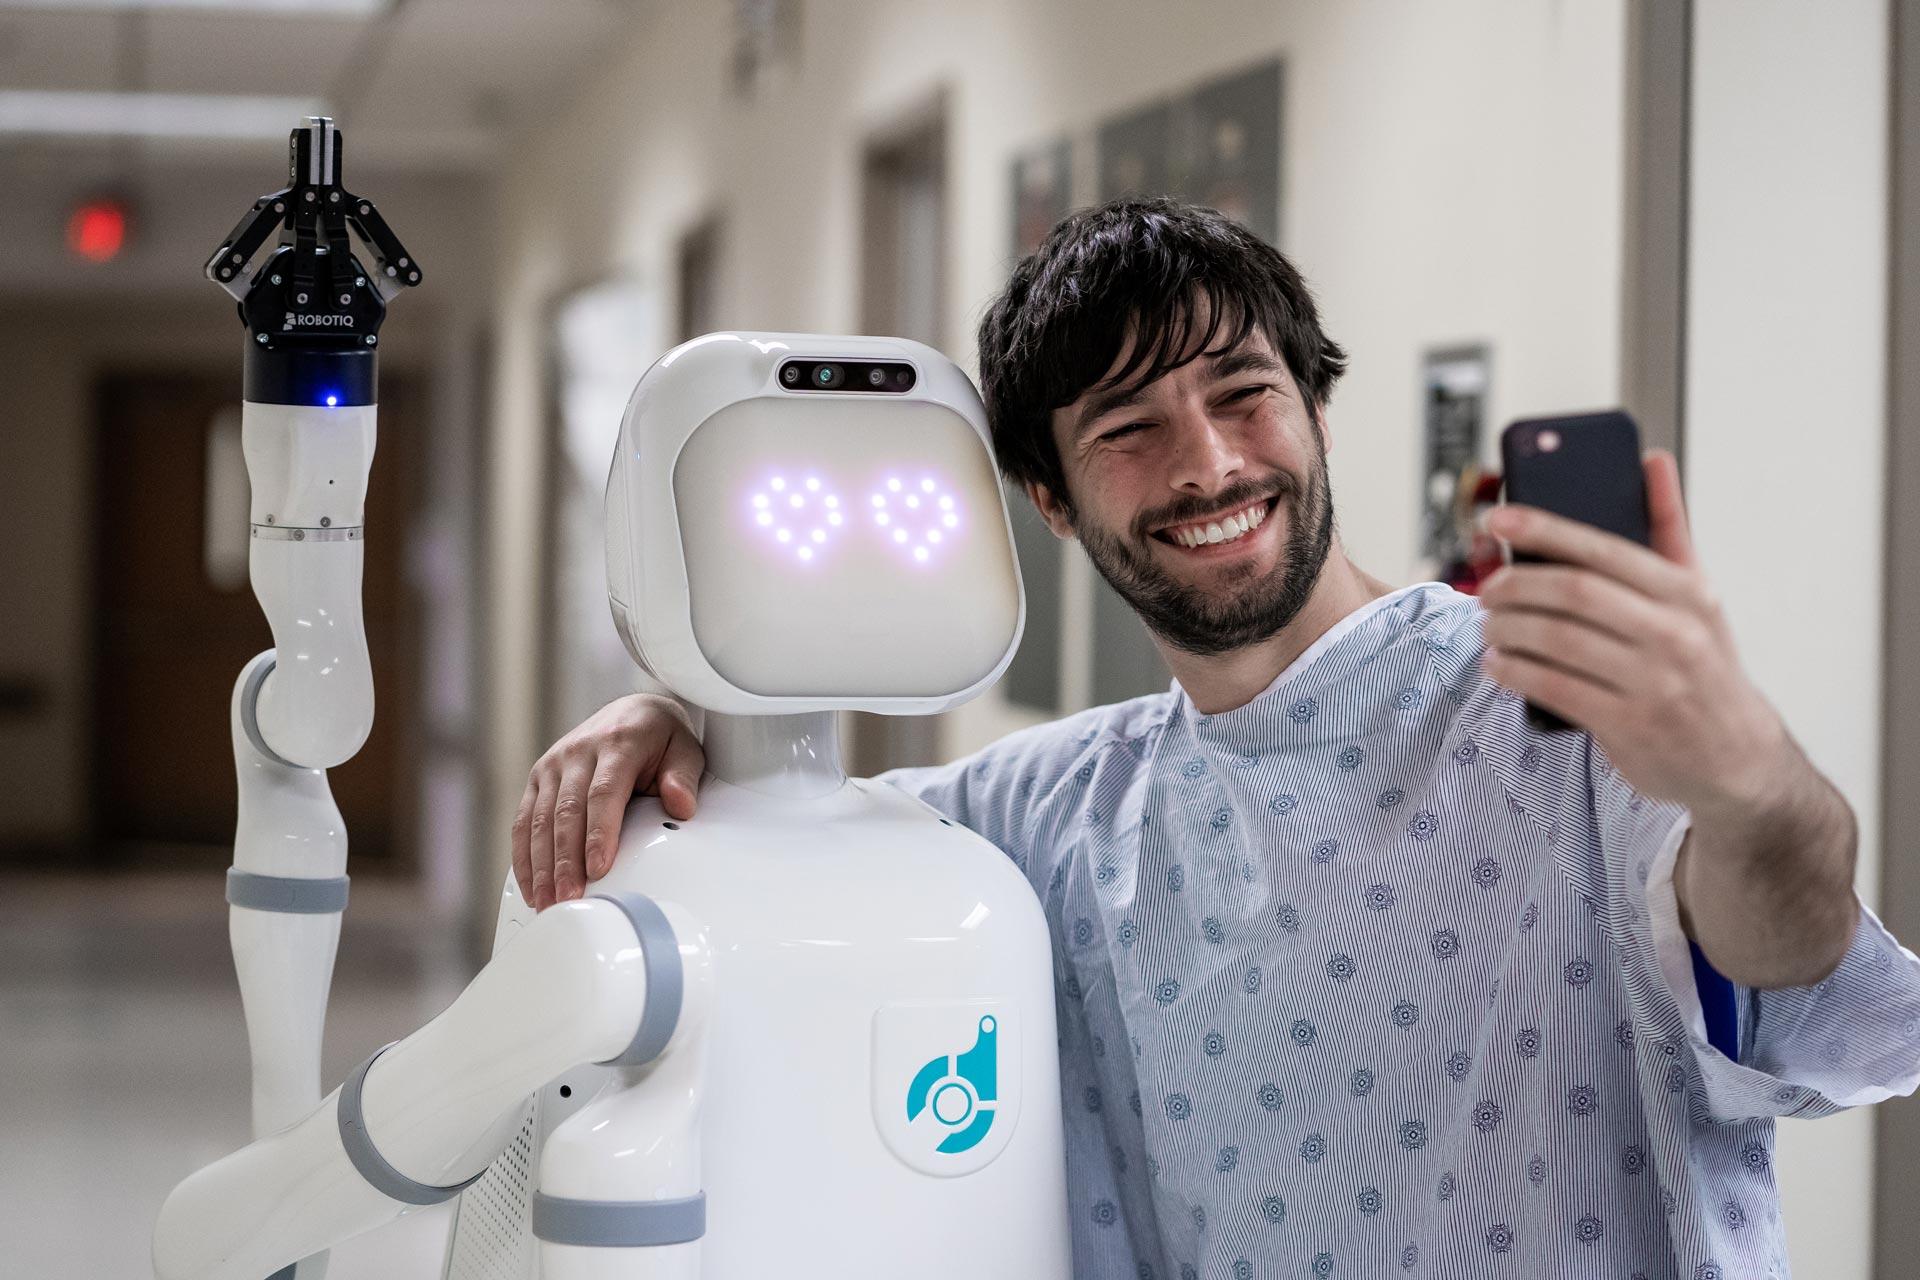 robot enfermero asia